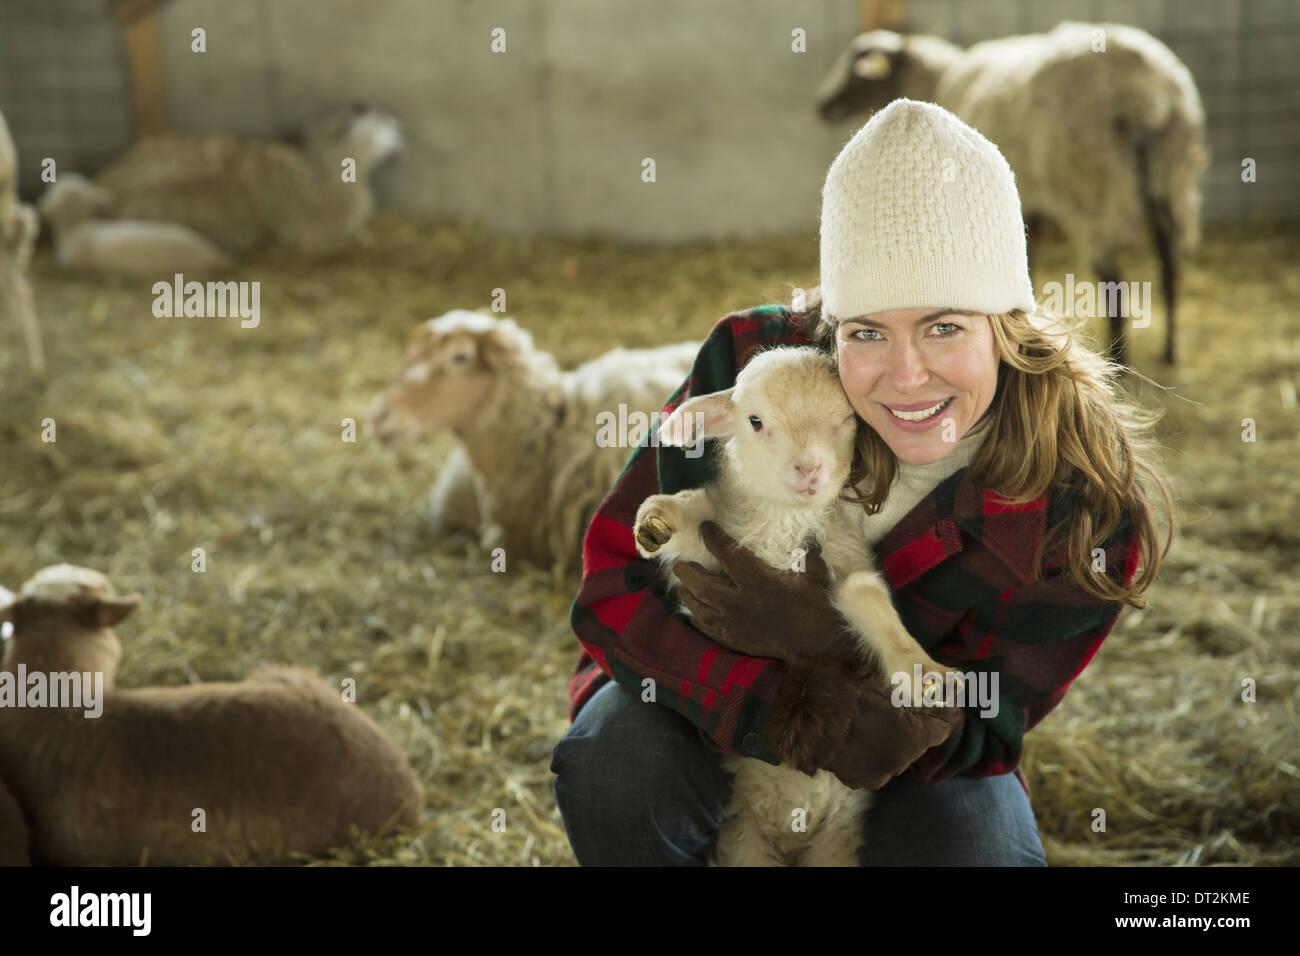 Una granja orgánica en invierno primavera fría en el Estado de Nueva York una familia trabajaba cuidando el ganado, una mujer sosteniendo un cordero pequeño Imagen De Stock